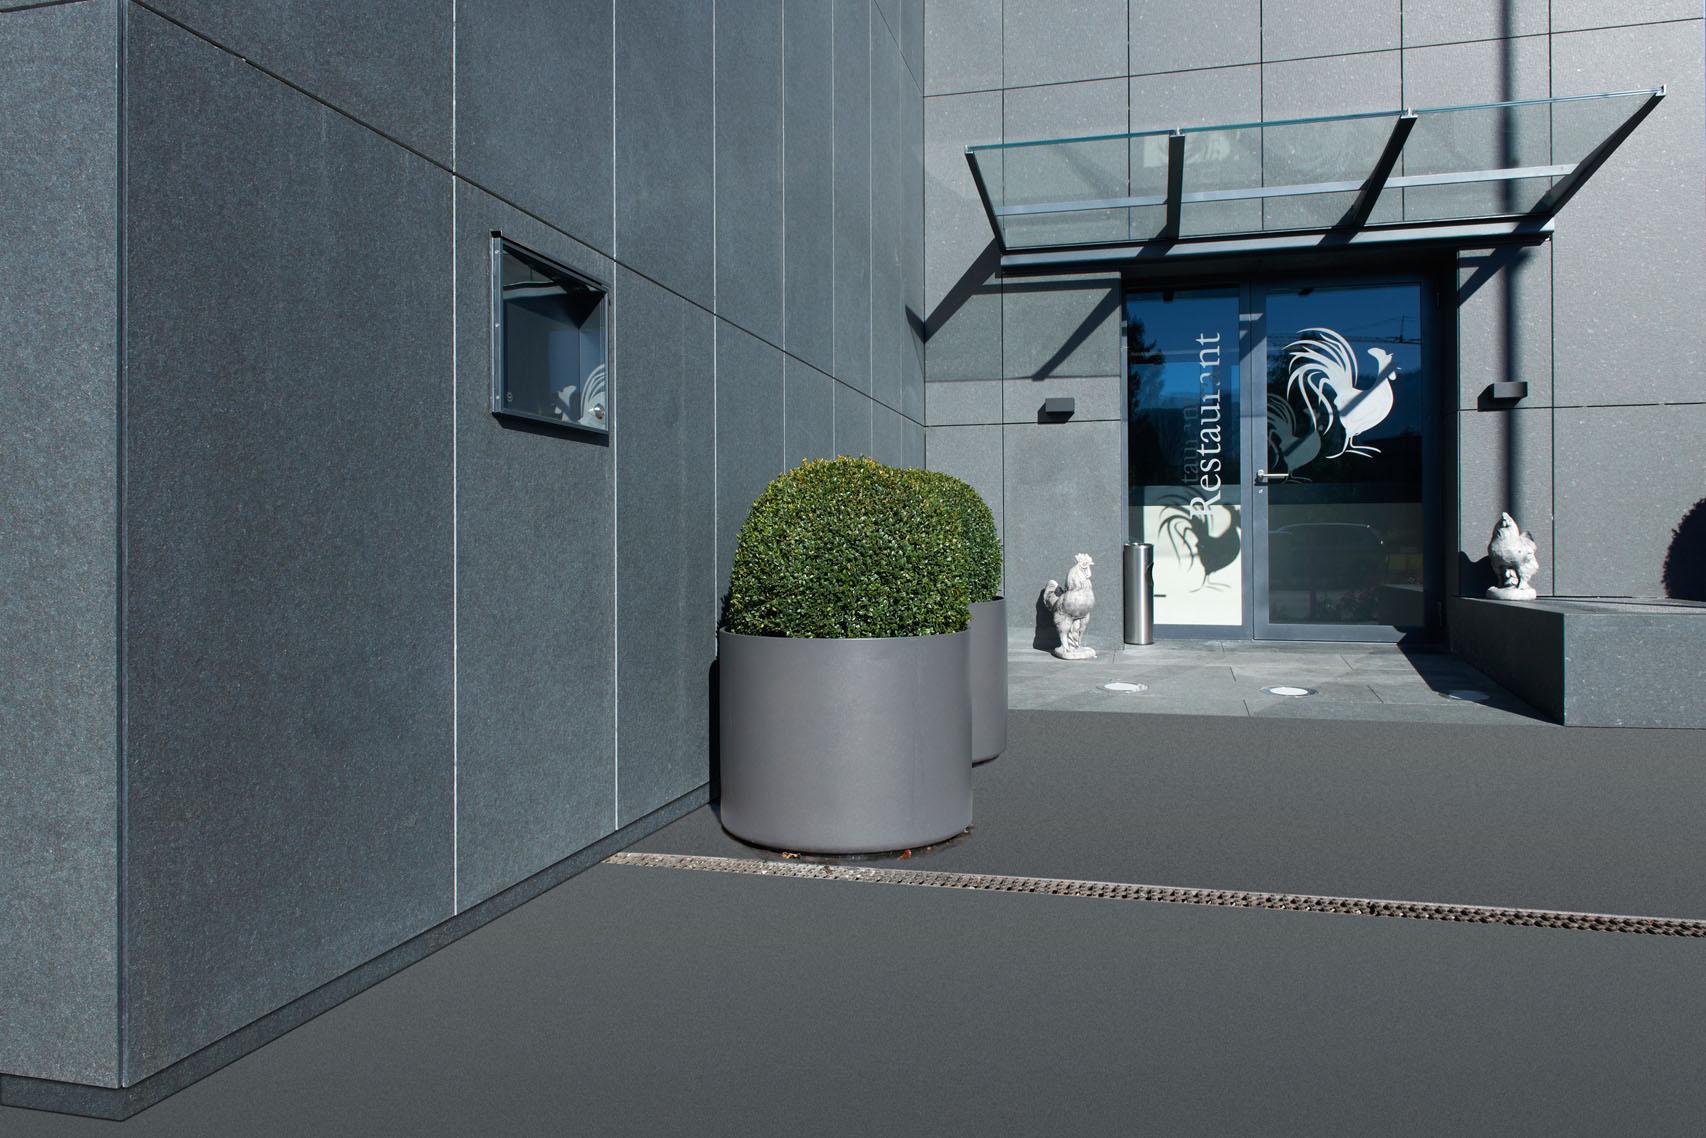 Die grossen Fassadenplatten wirken exklusiv und stilvoll.